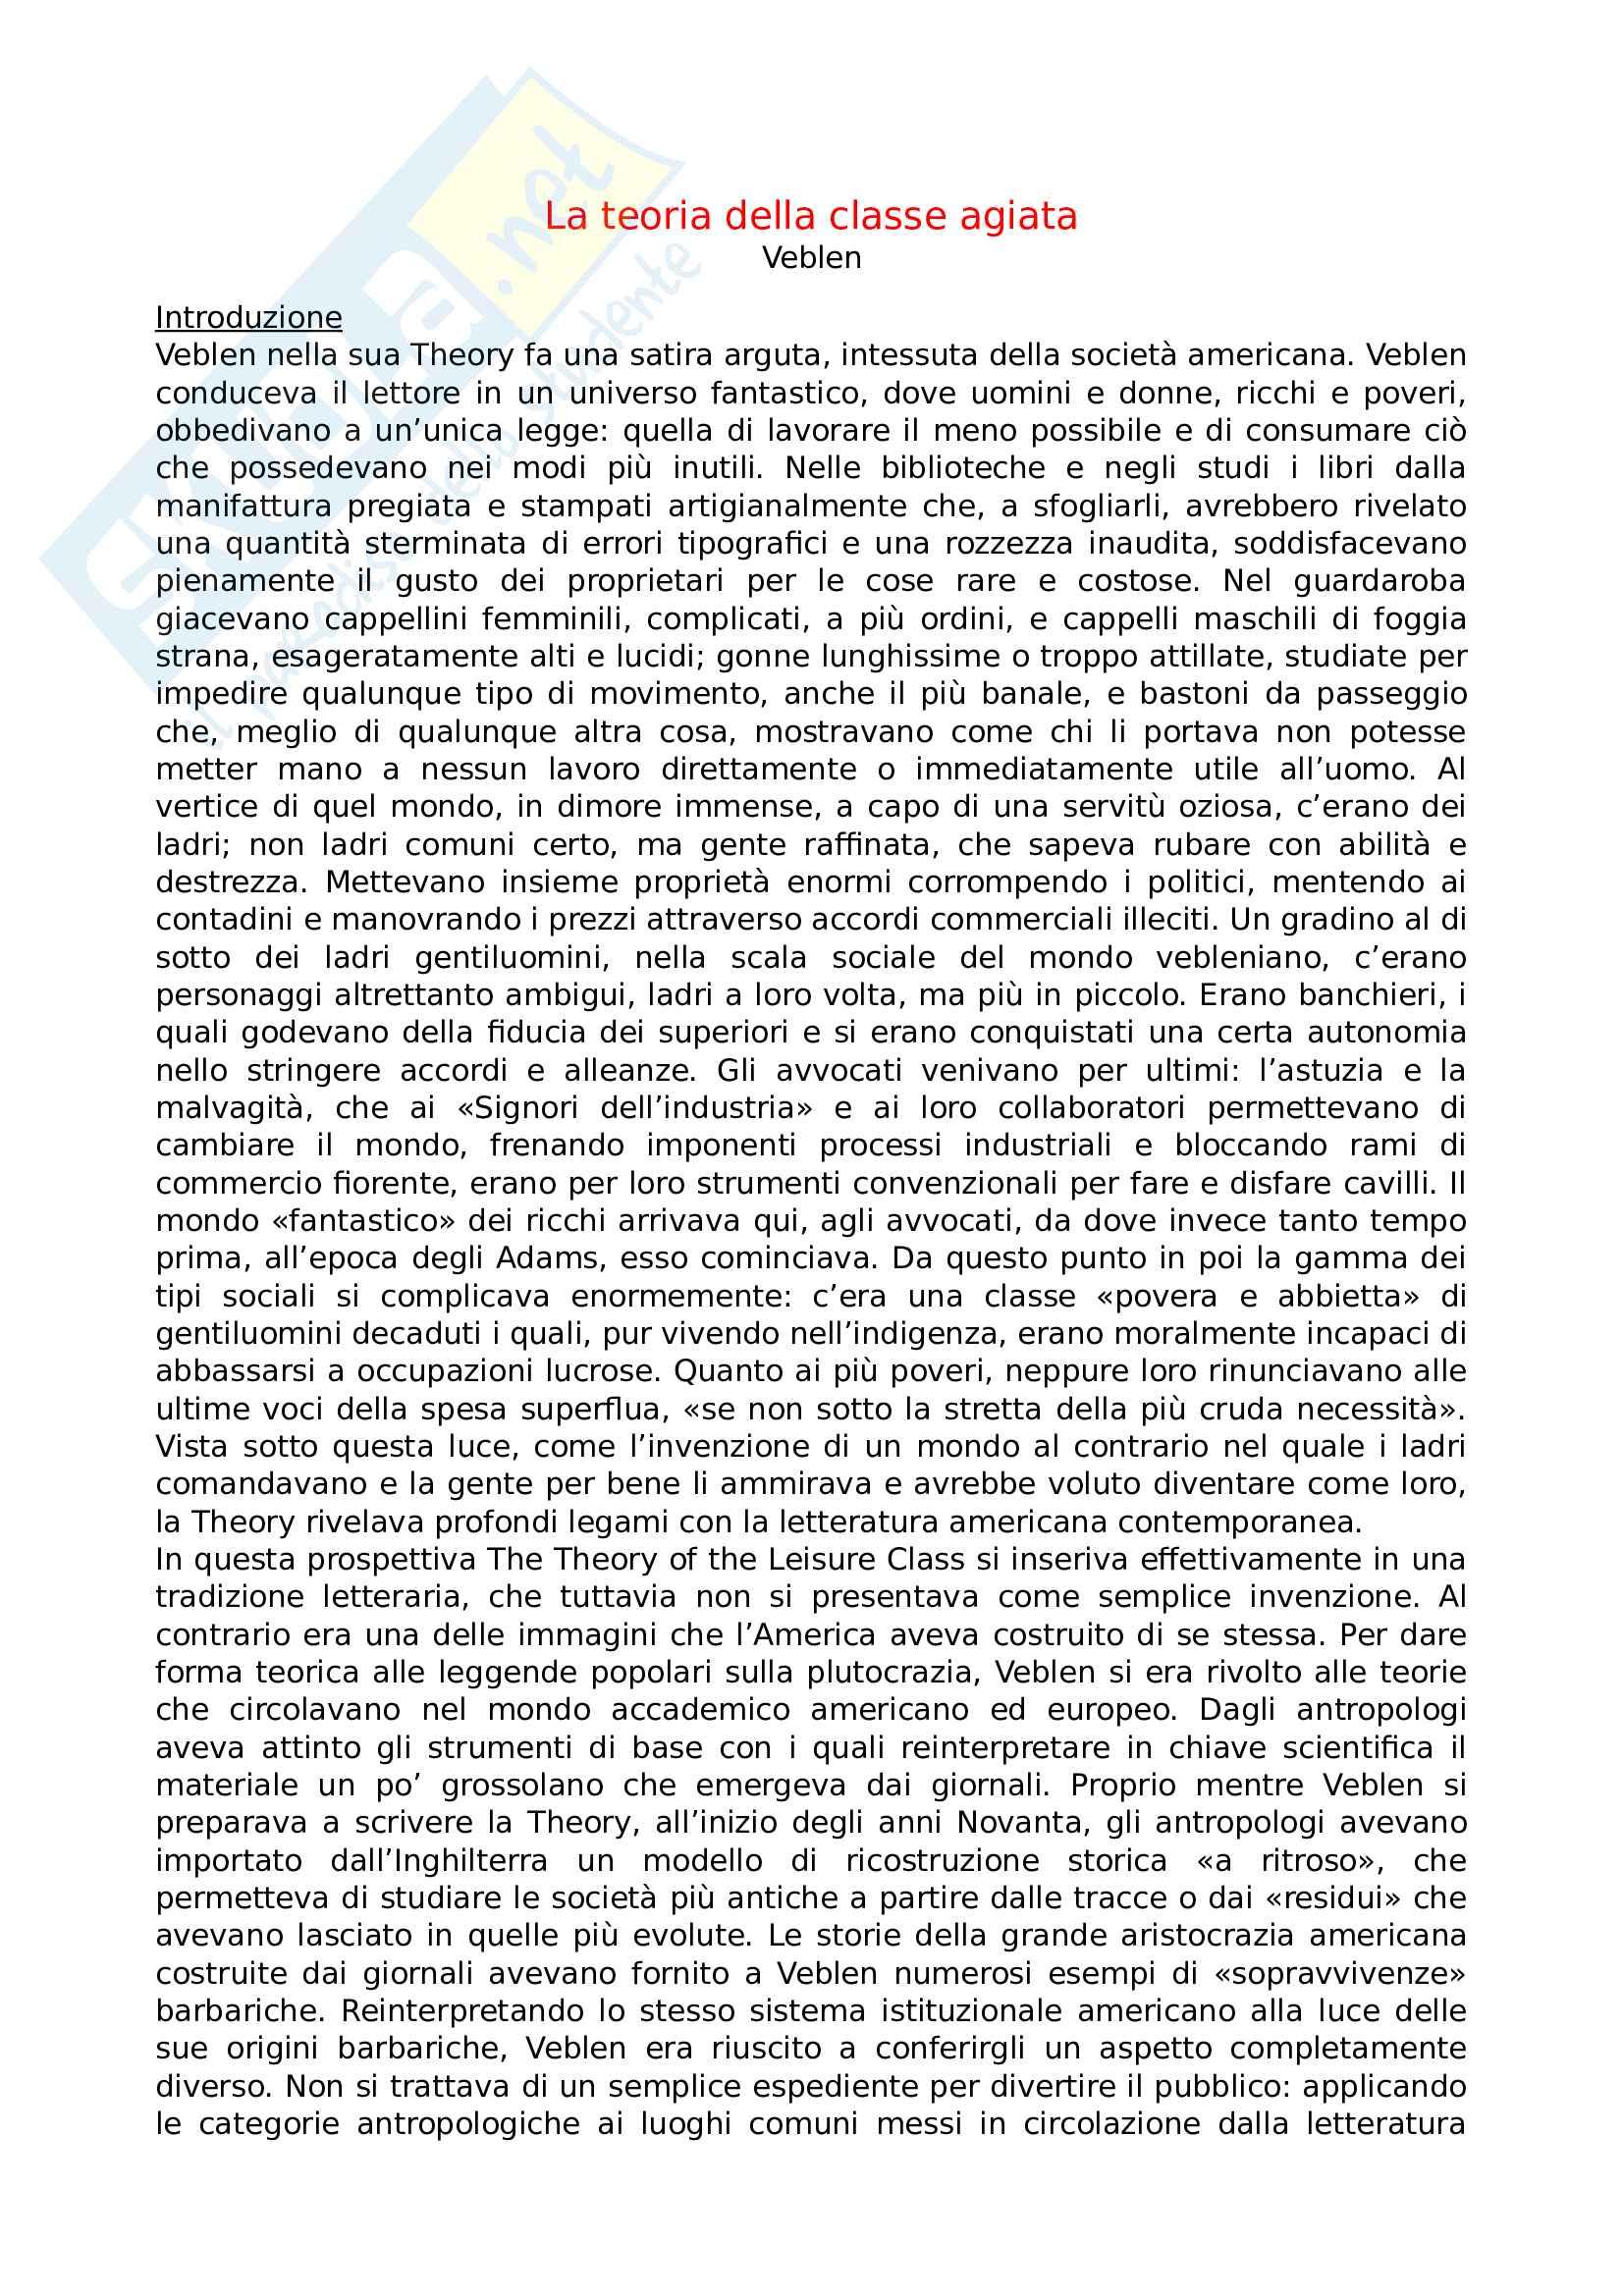 Riassunto esame reti sociali e stili di vita, prof. Cristina Sofia, libro consigliato La teoria della classe agiata, autore Thorstein Veblen